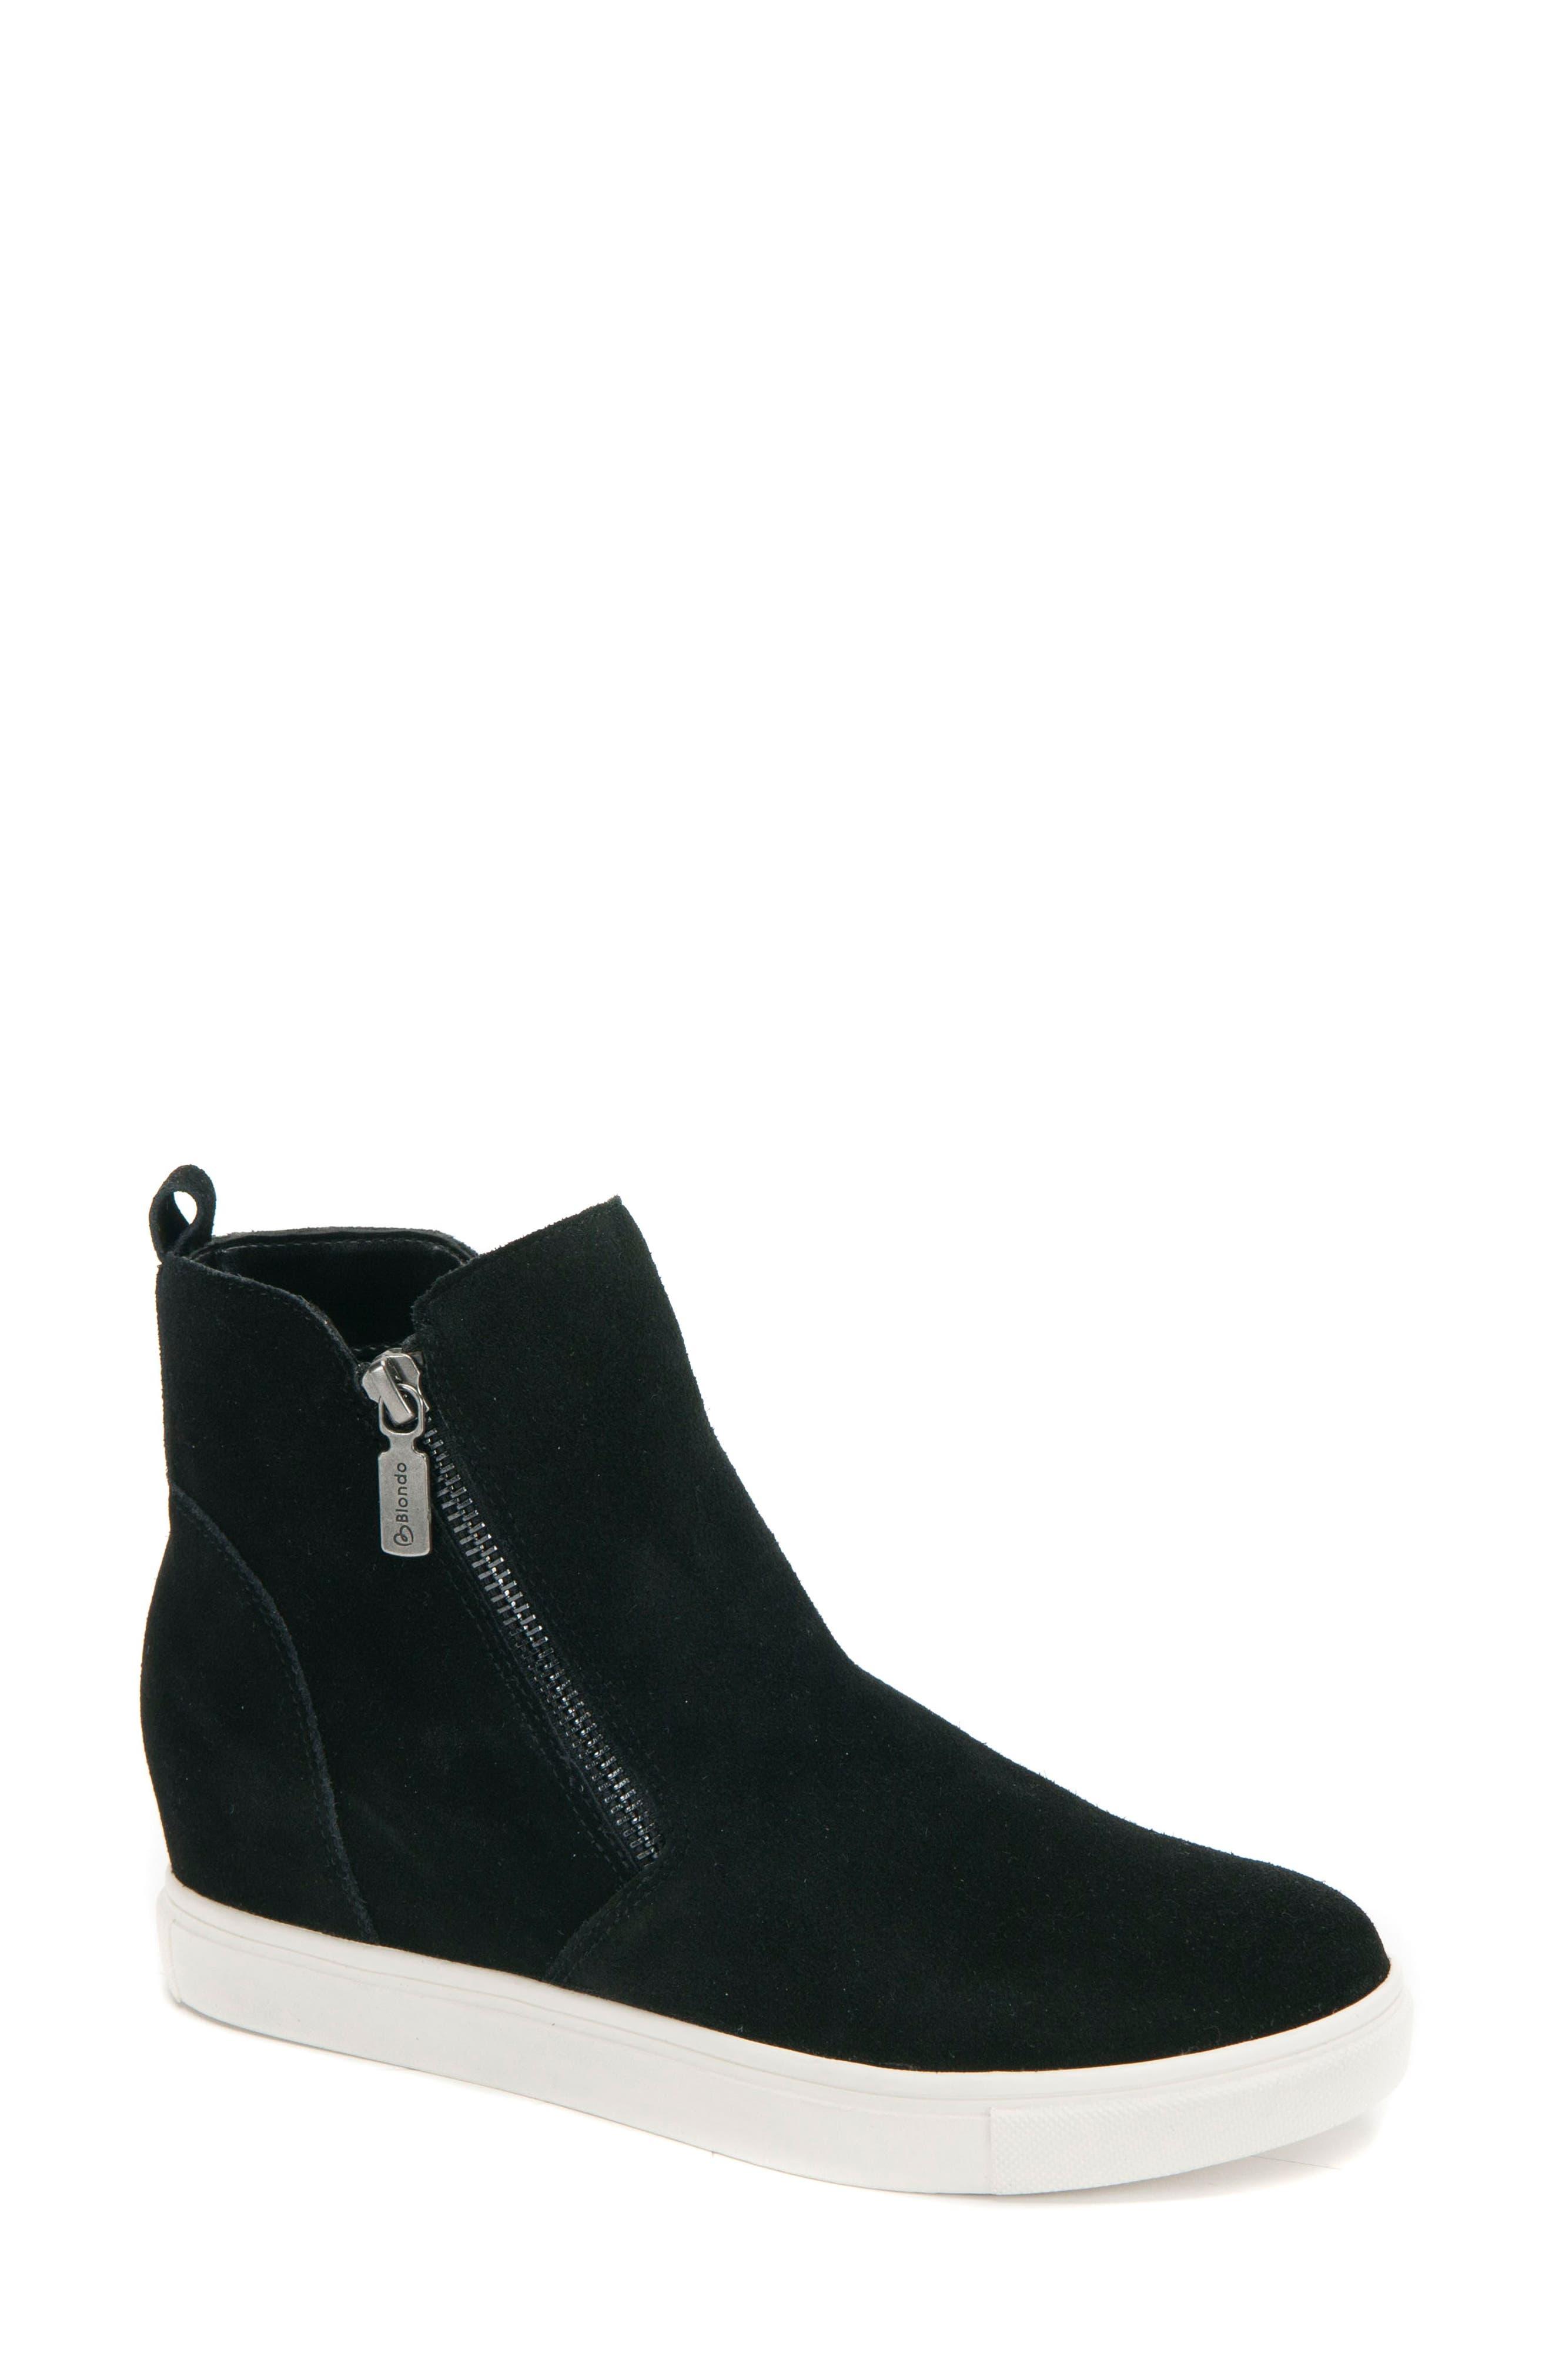 BLONDO Giselle Waterproof Sneaker, Main, color, BLACK SUEDE